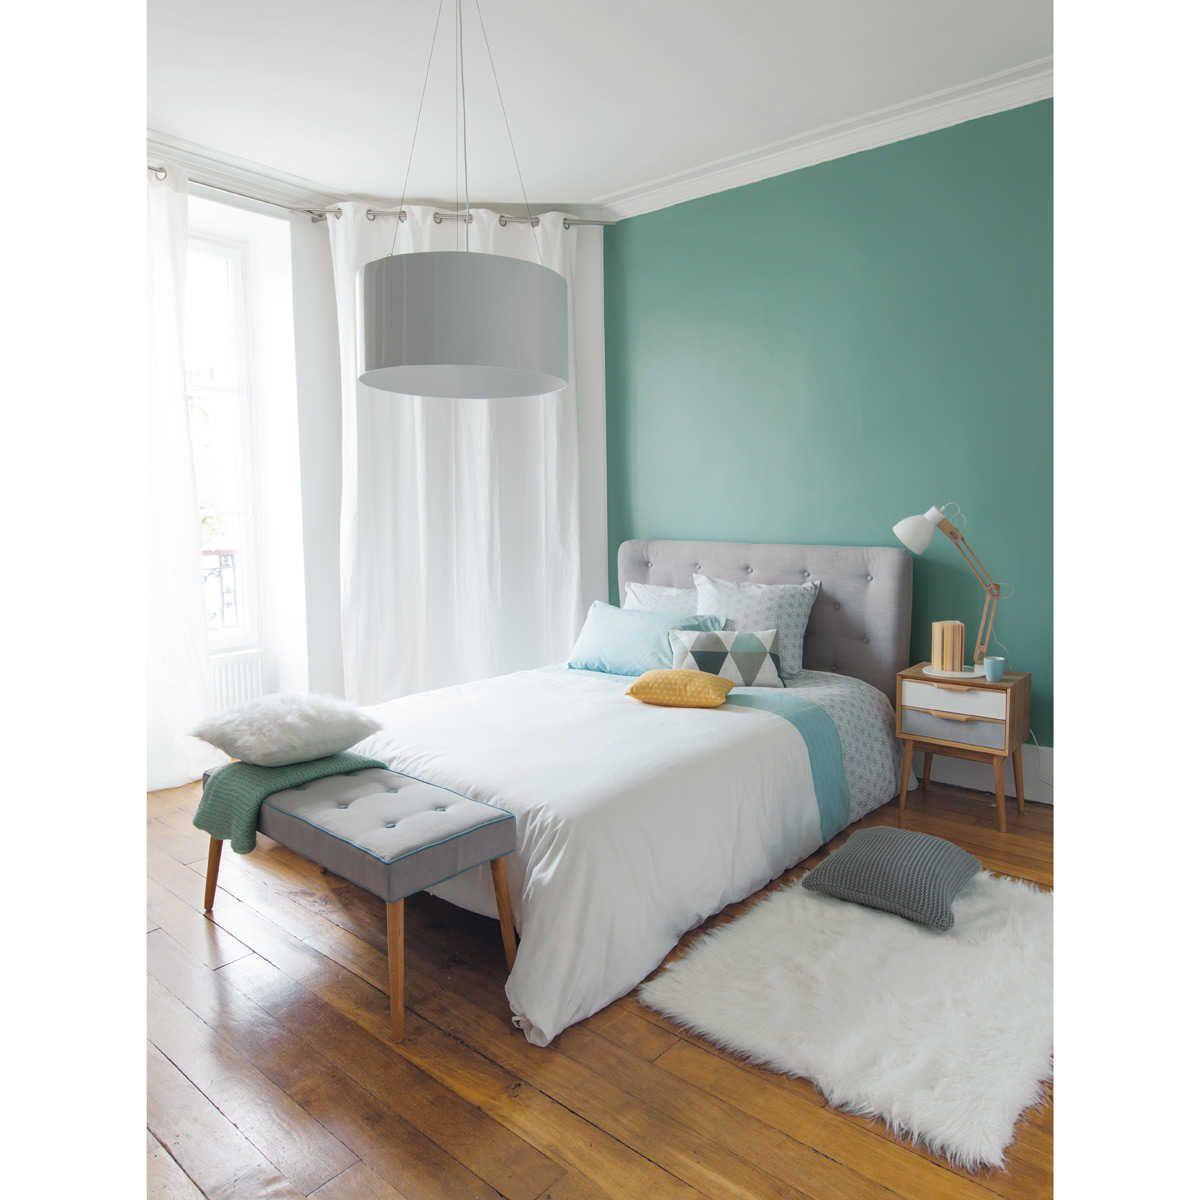 Comment rafra chir sa pi ce see best ideas about bedroom vintage - Parure de couette ikea ...